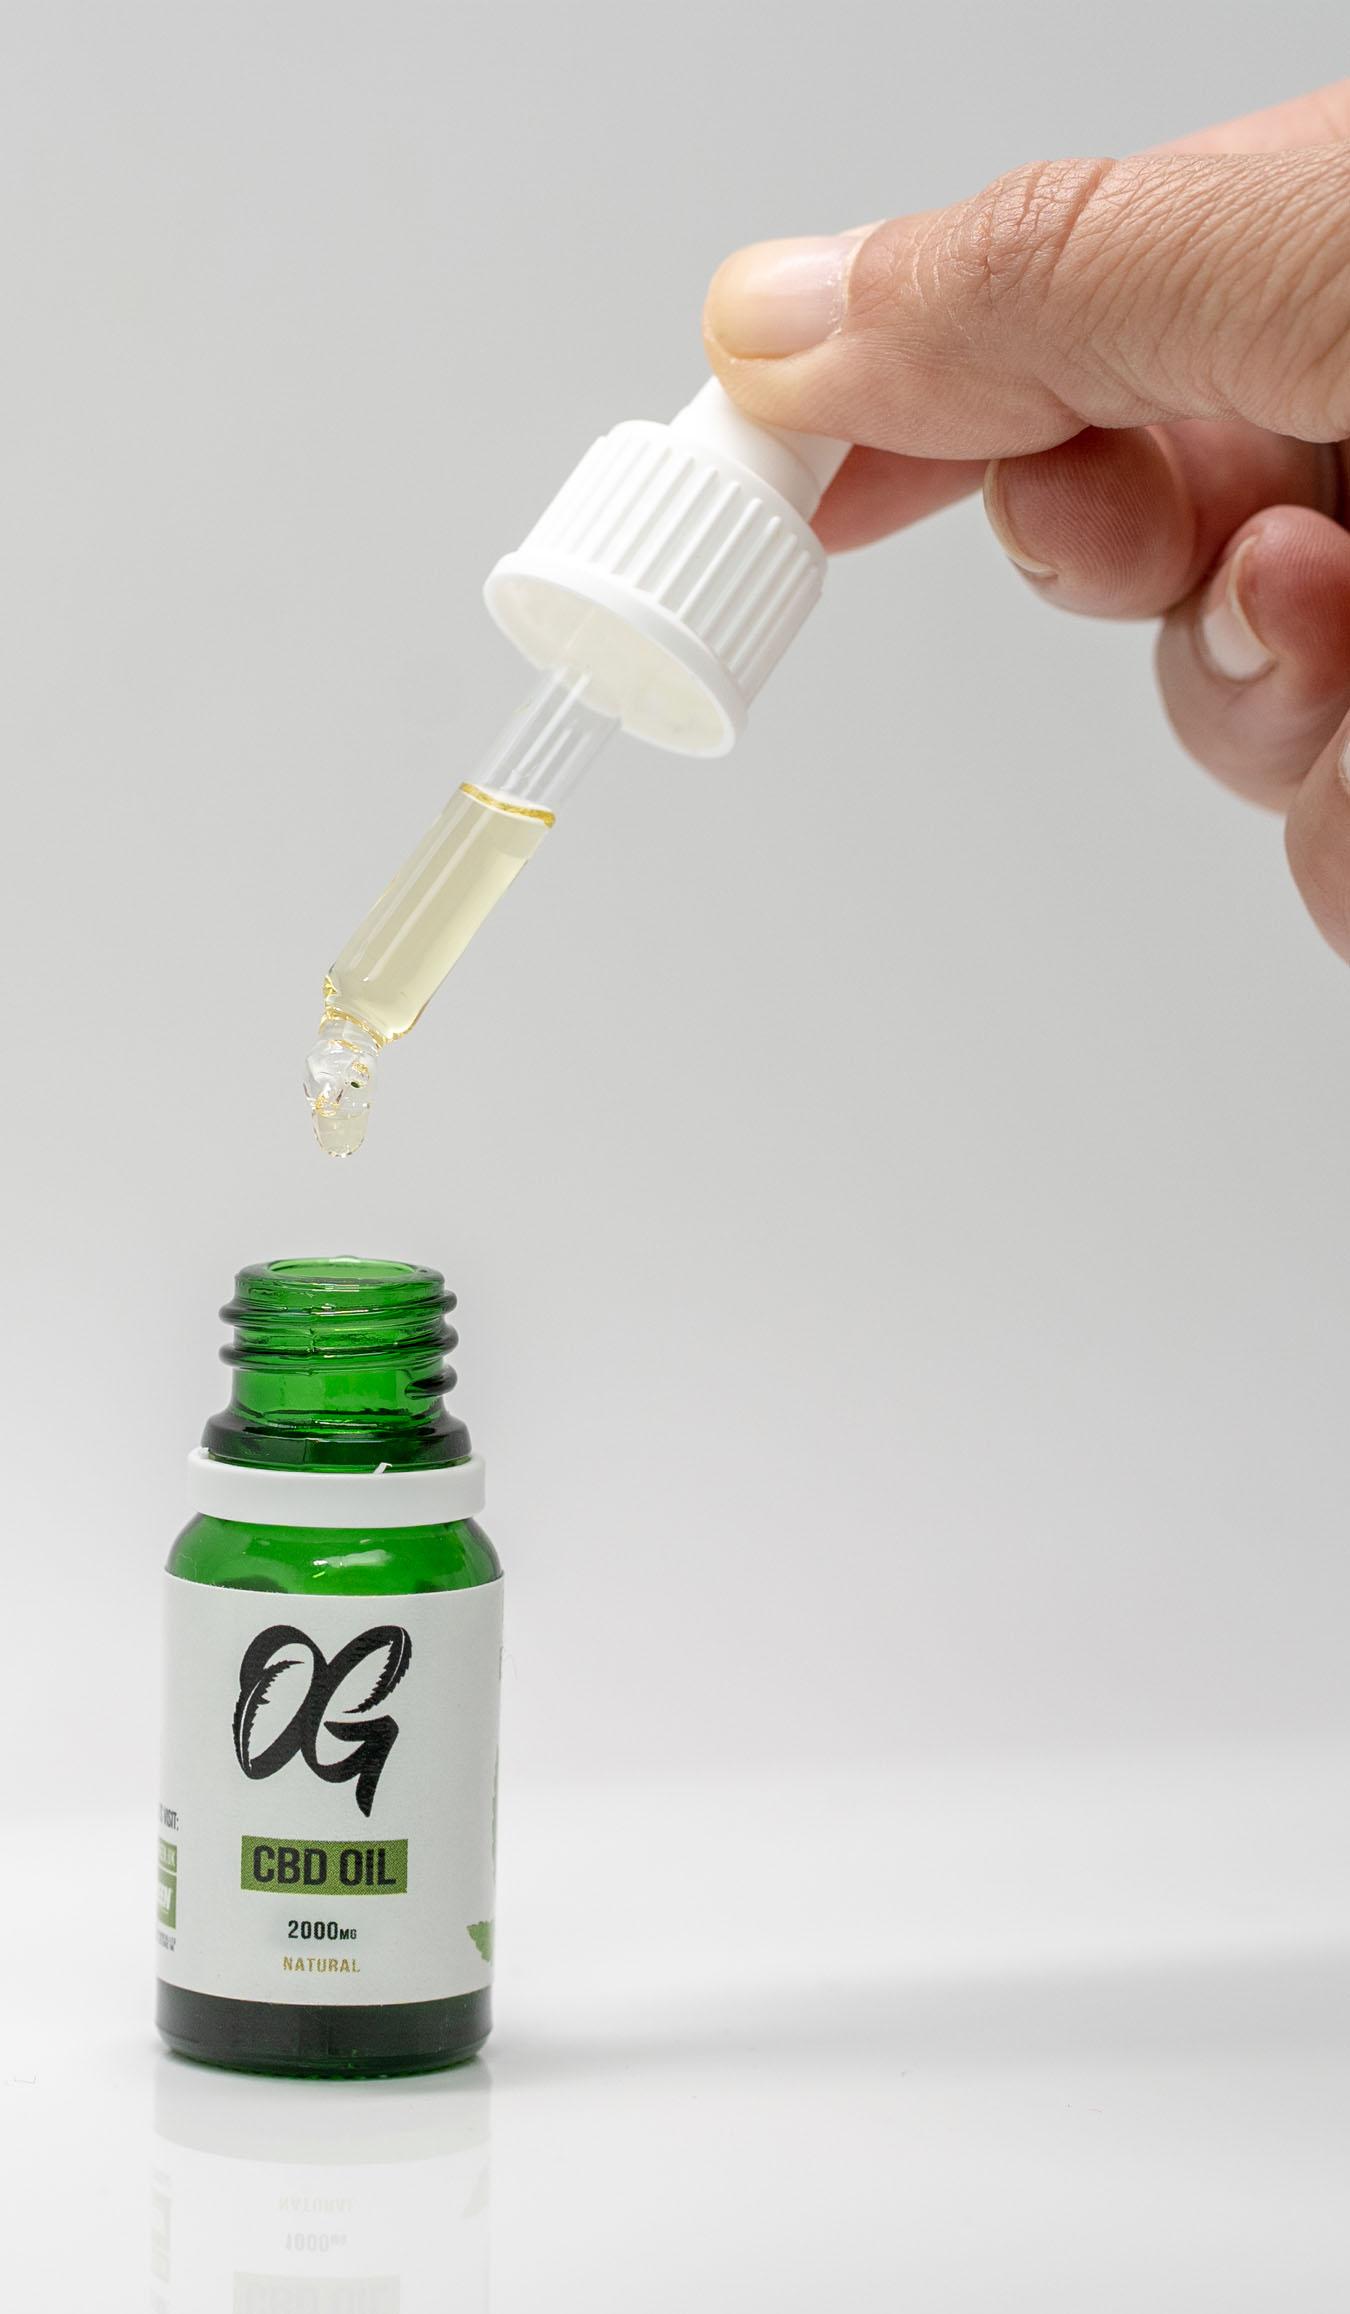 CBD Oil With Pipette Dropper